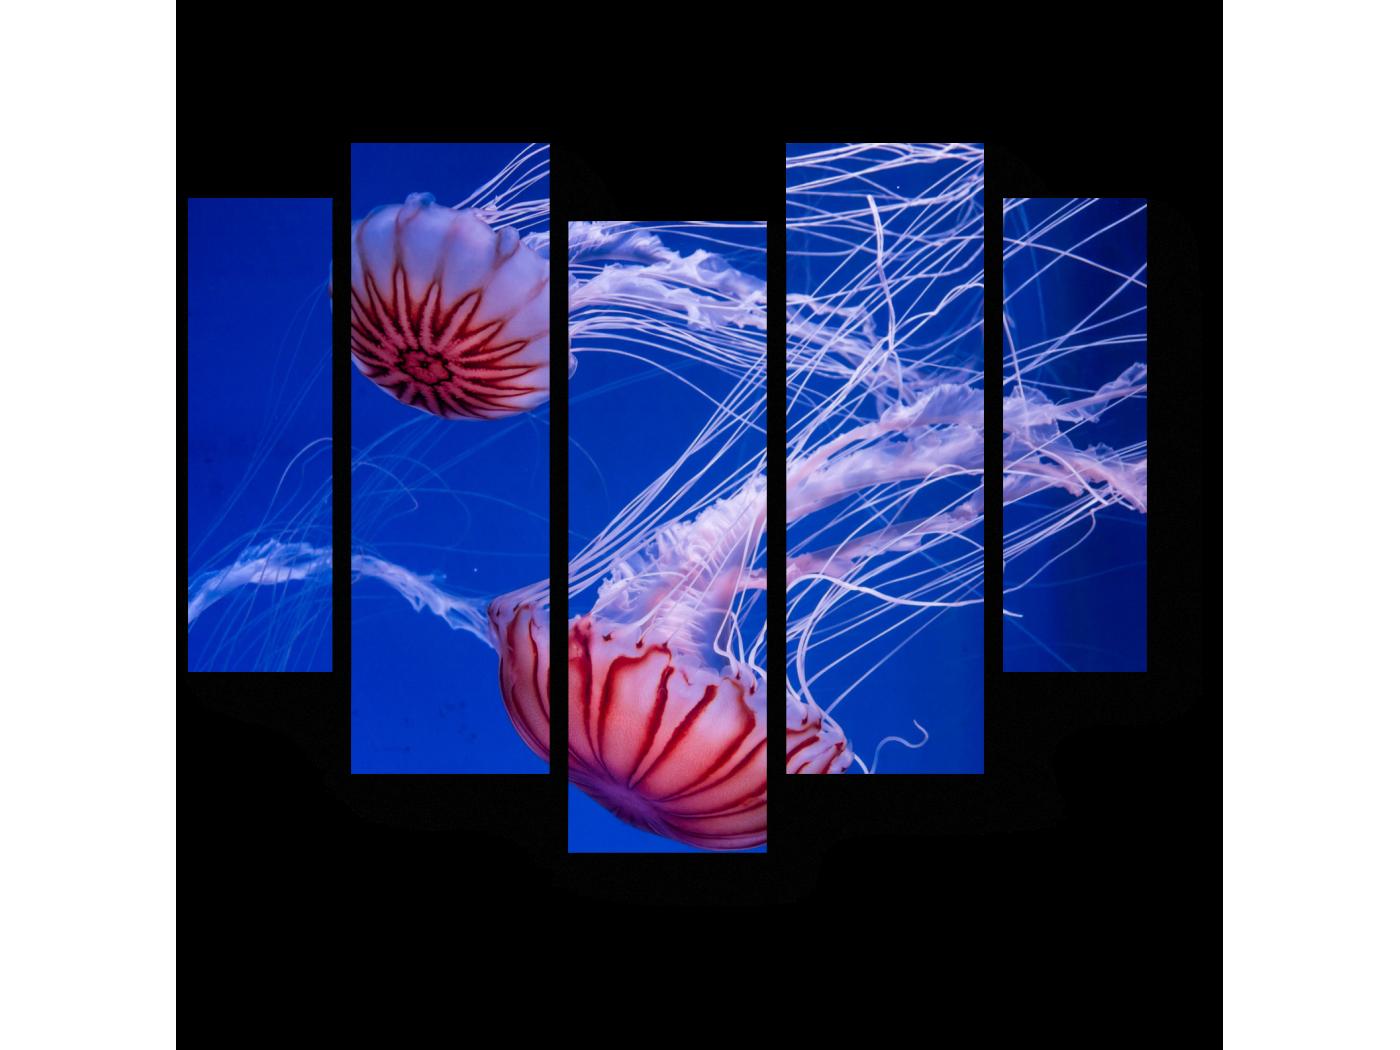 Модульная картина Чудесные медузы (101x82) фото